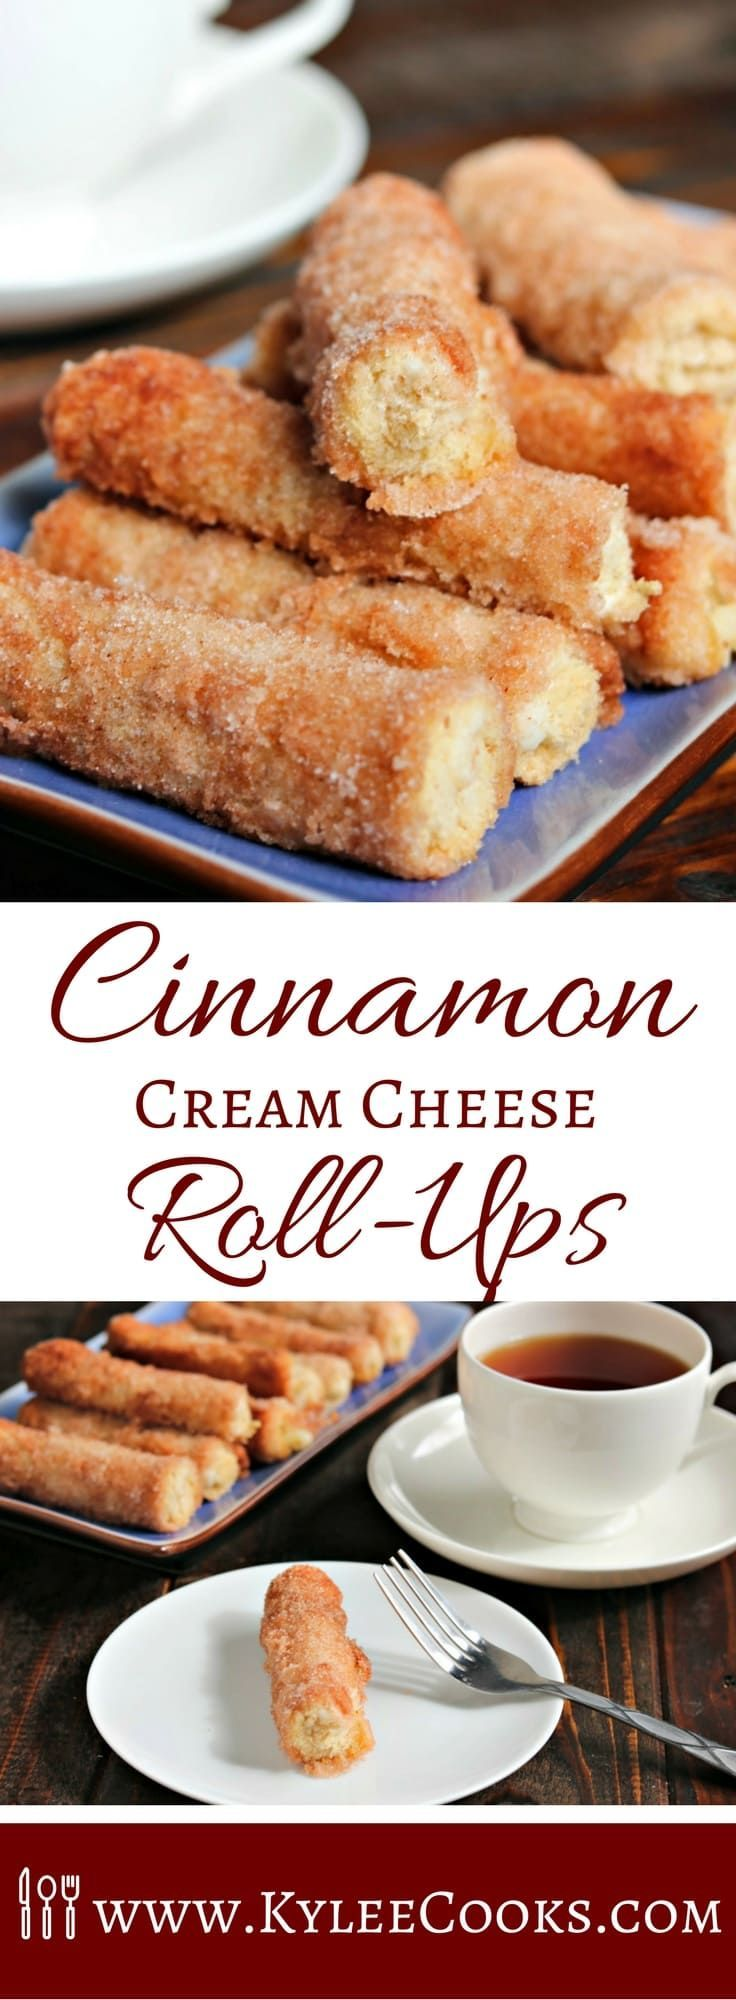 #churrolike #breakfast #cinnamon #amazing #minutes